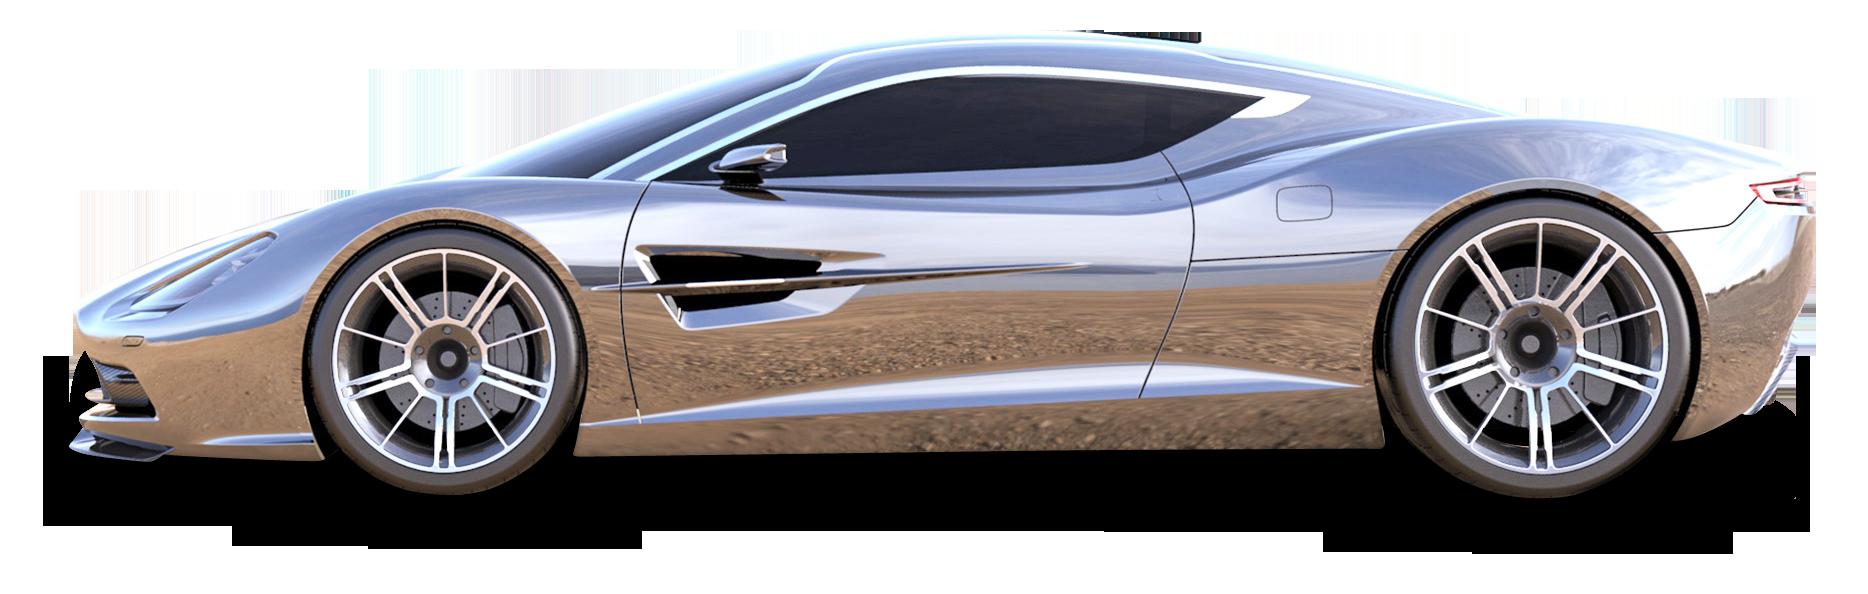 Concept png transparent images. Future clipart car